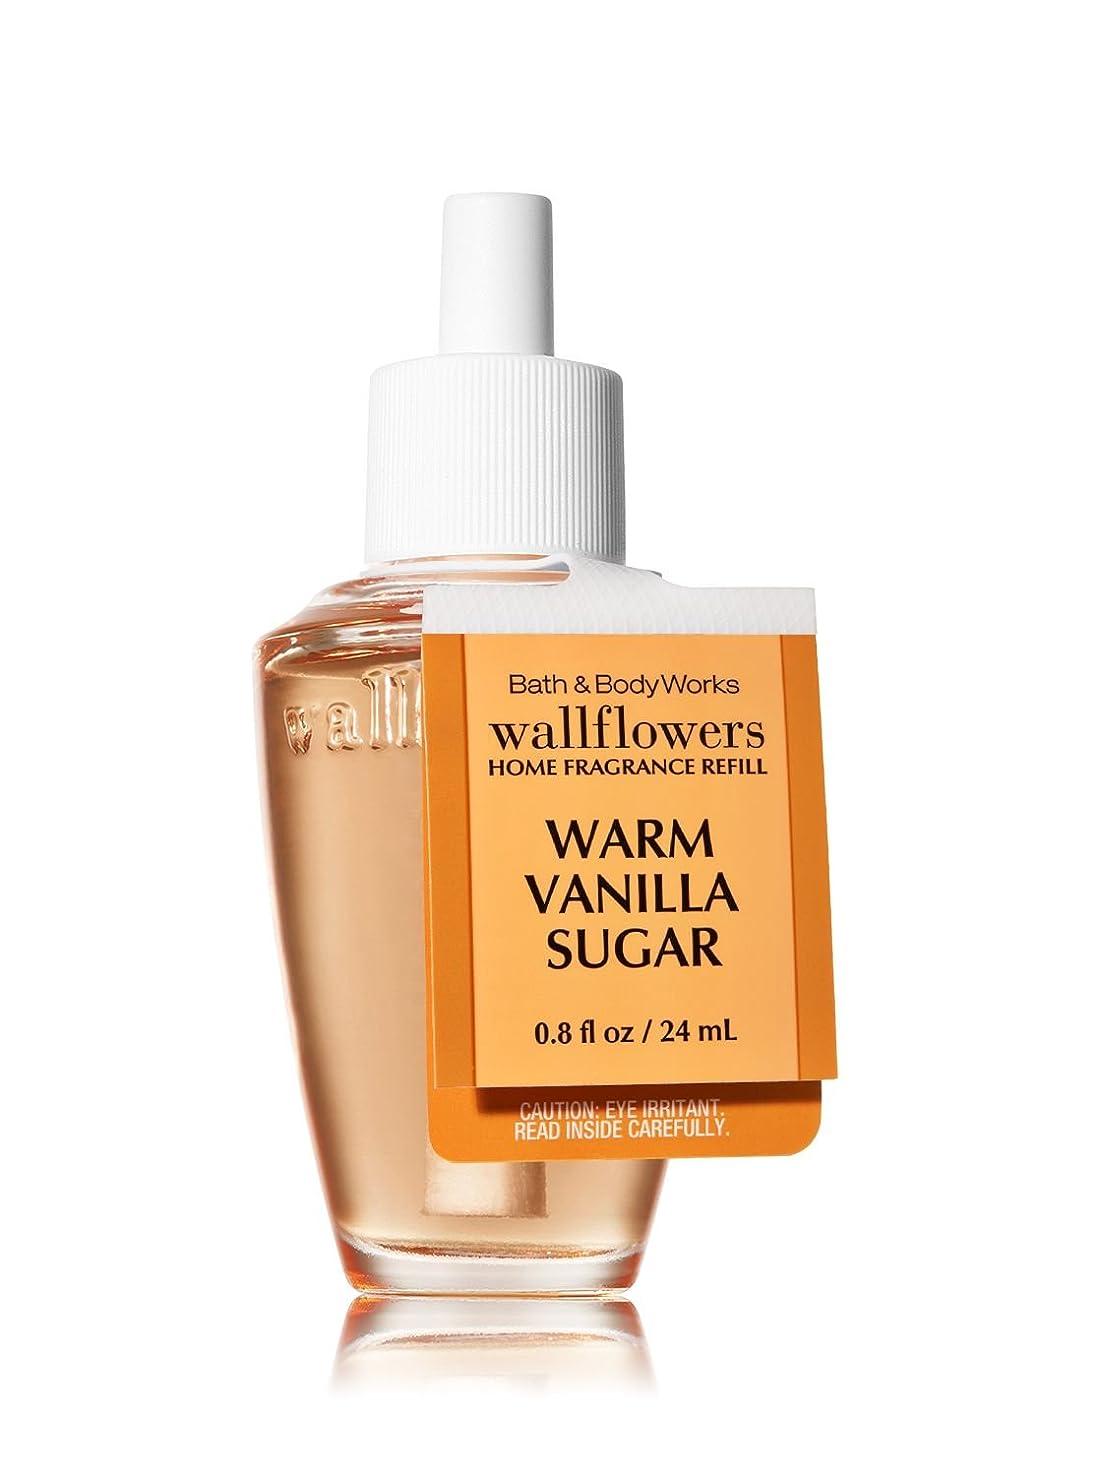 グリーンランド廃止するに応じて【Bath&Body Works/バス&ボディワークス】 ルームフレグランス 詰替えリフィル ウォームバニラシュガー Wallflowers Home Fragrance Refill Warm Vanilla Sugar [並行輸入品]